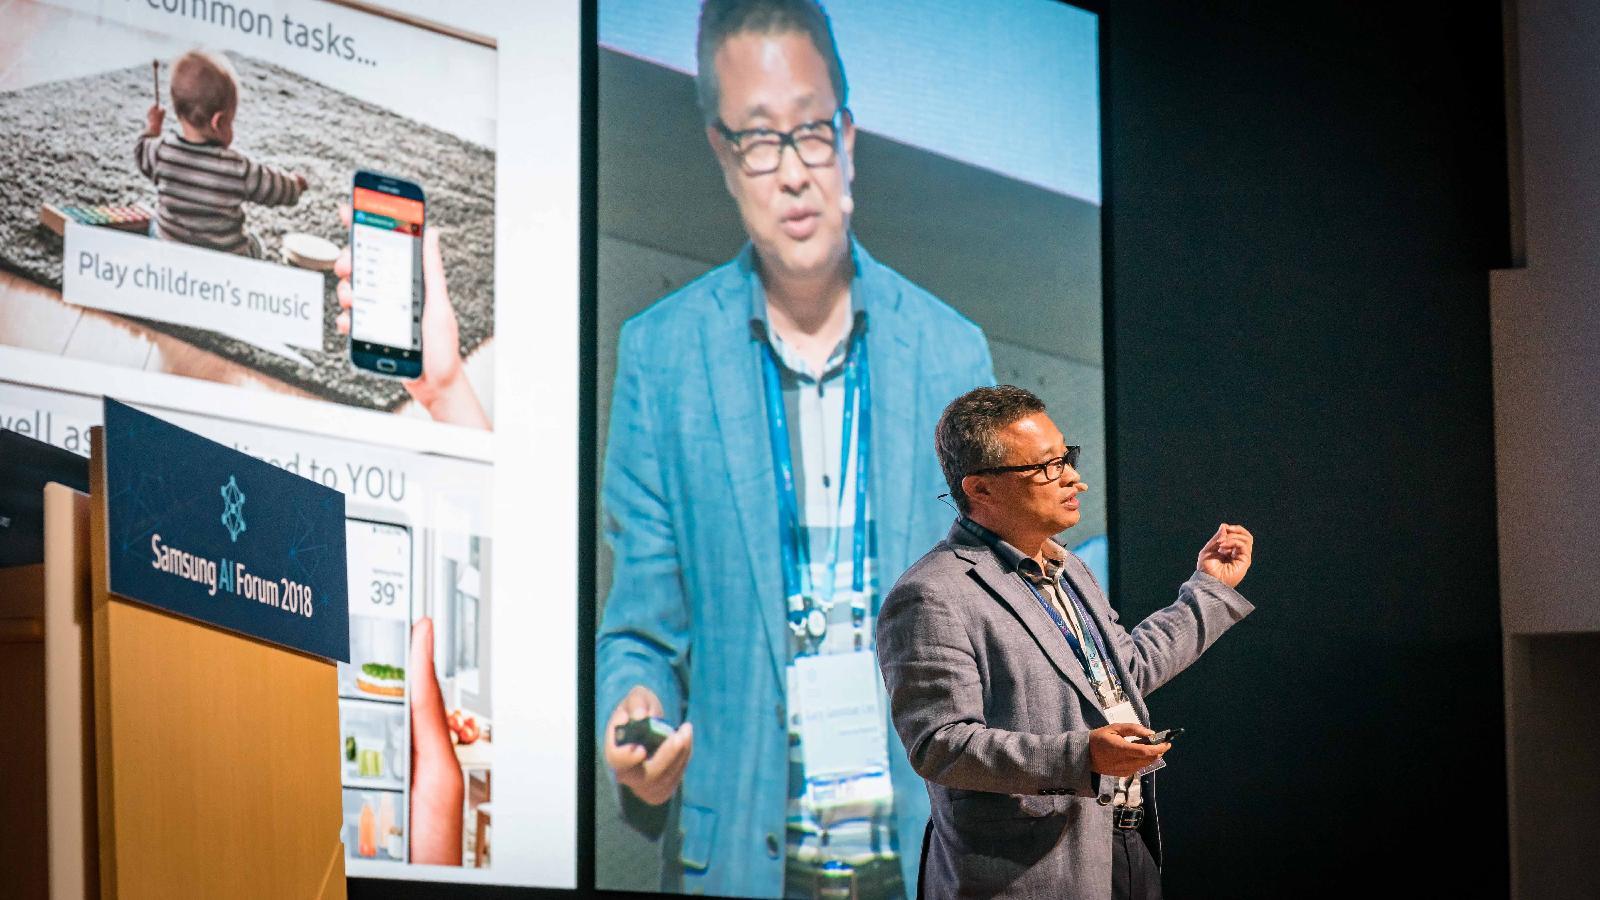 Samsung AI Forum 2018 3